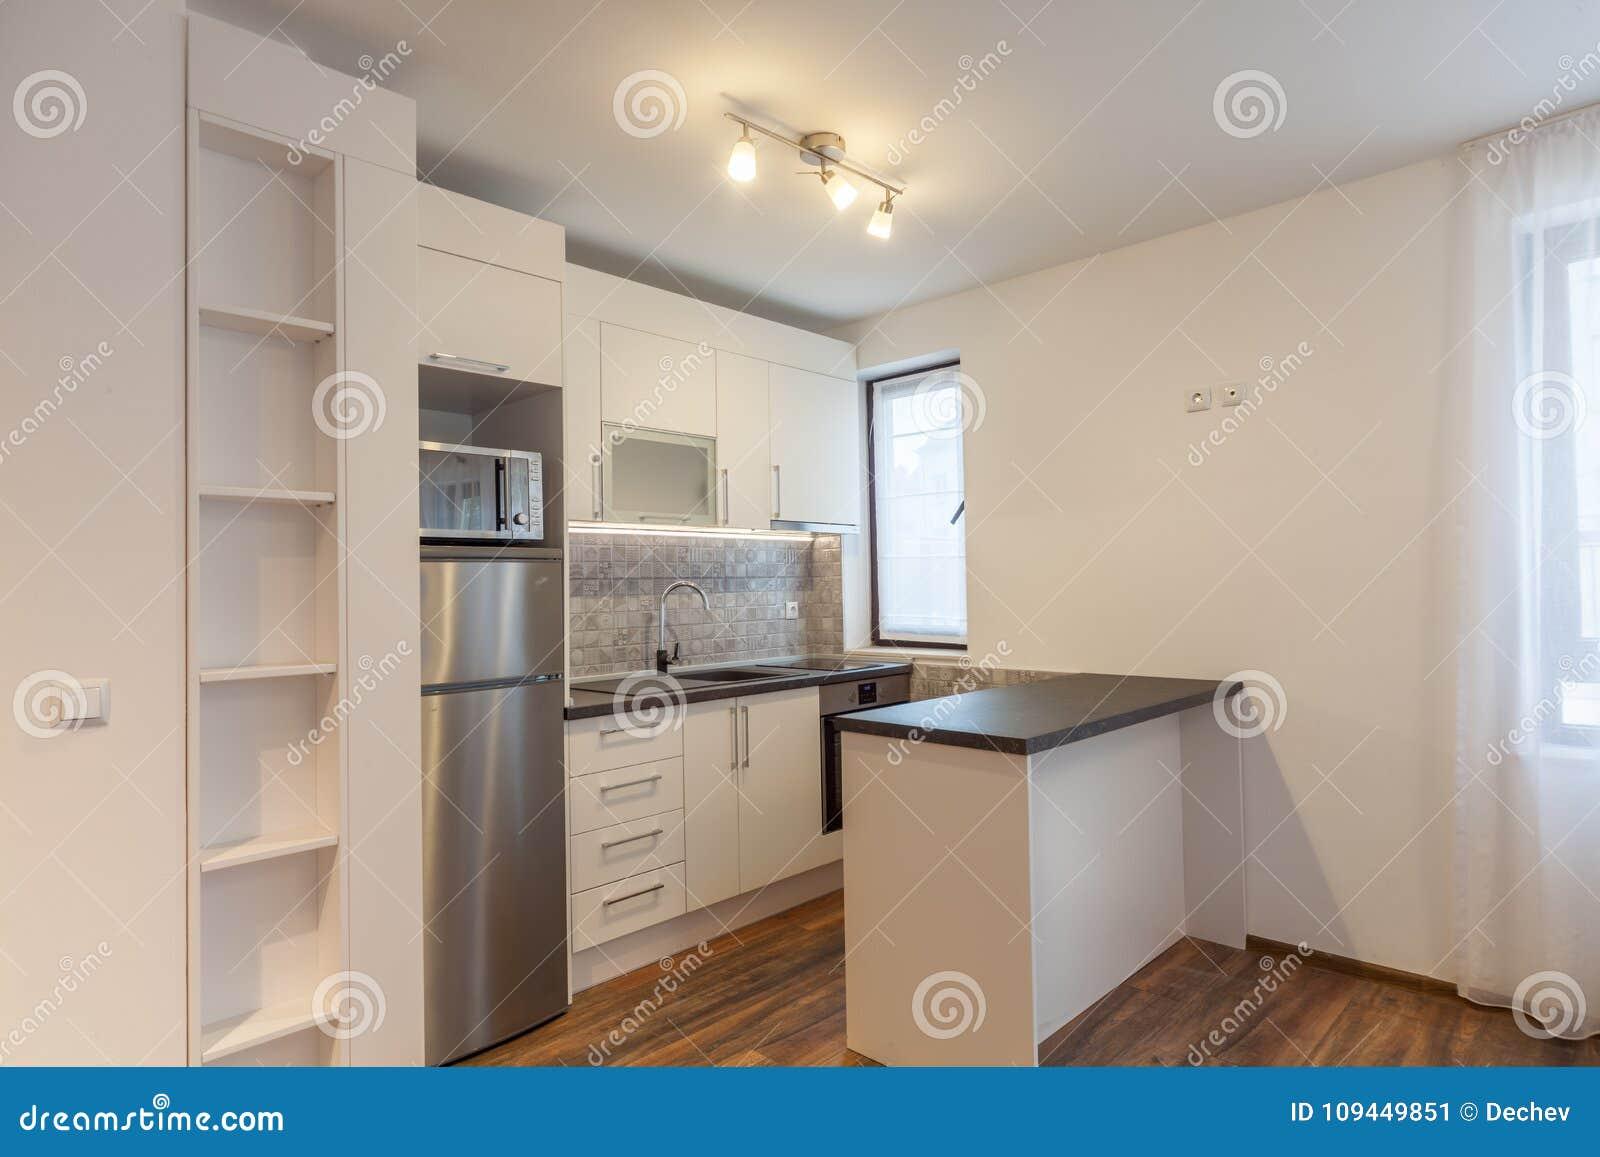 Design Fußboden Für Küche ~ Neue moderne küche neues haus innenphotographie hölzerner fußboden